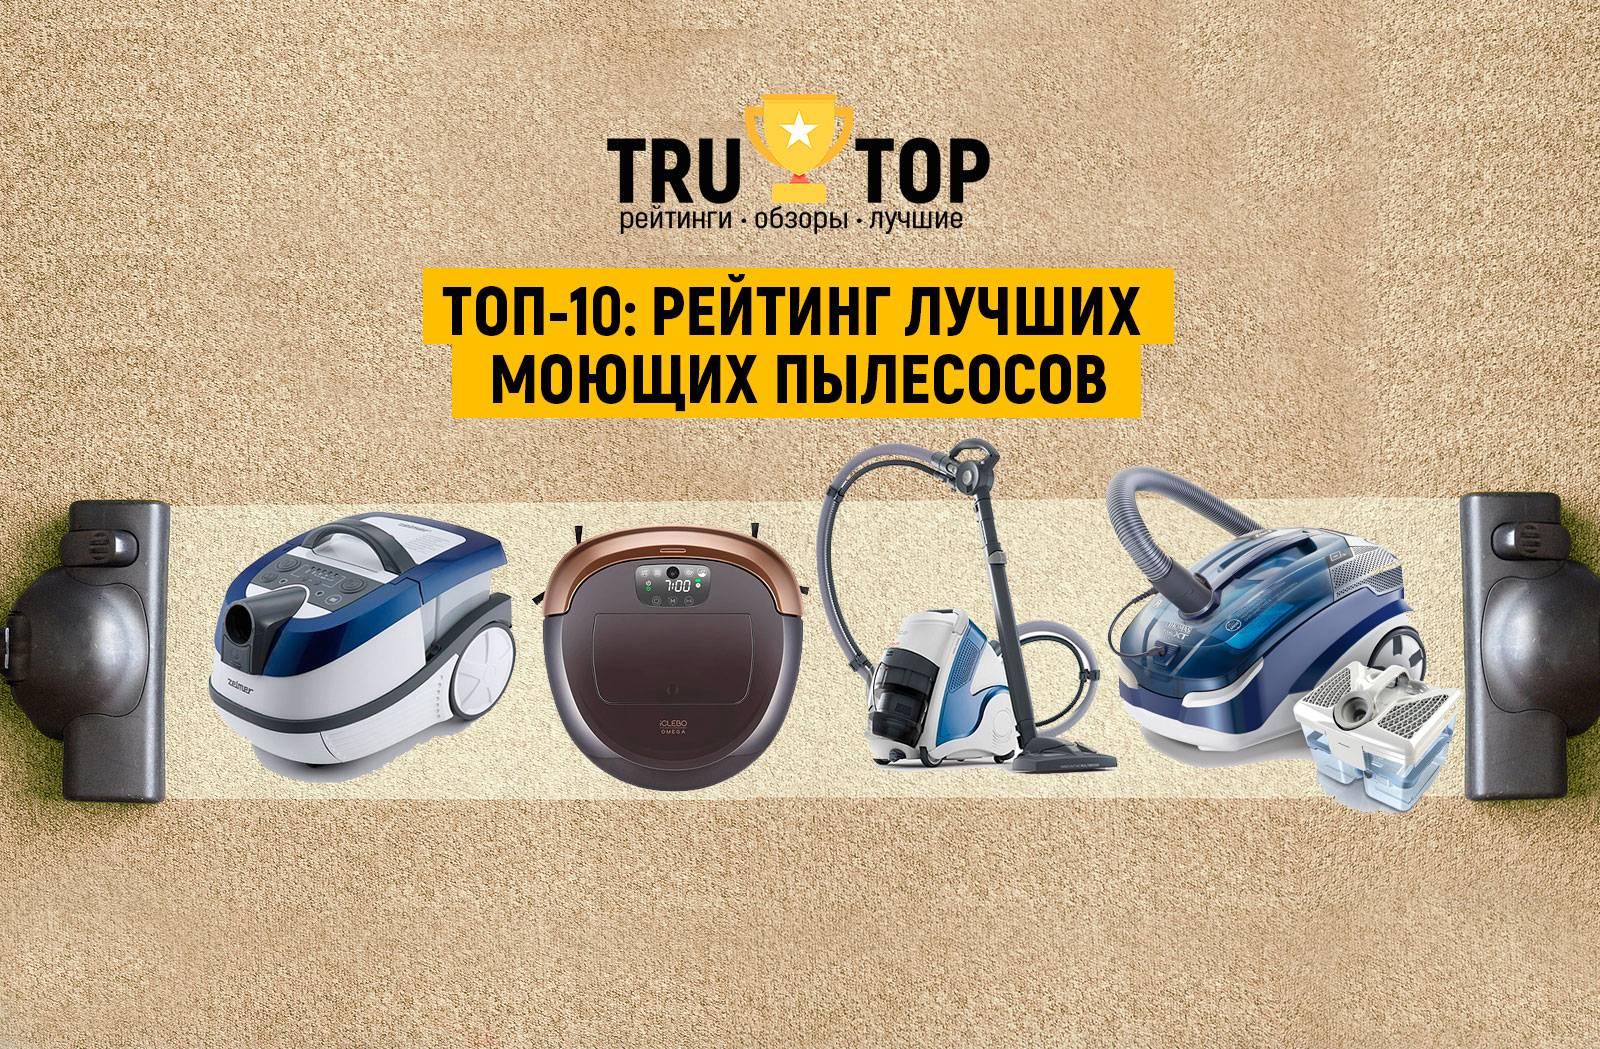 Топ-10 пылесосов для влажной уборки: рейтинг лучших моделей + рекомендации покупателям